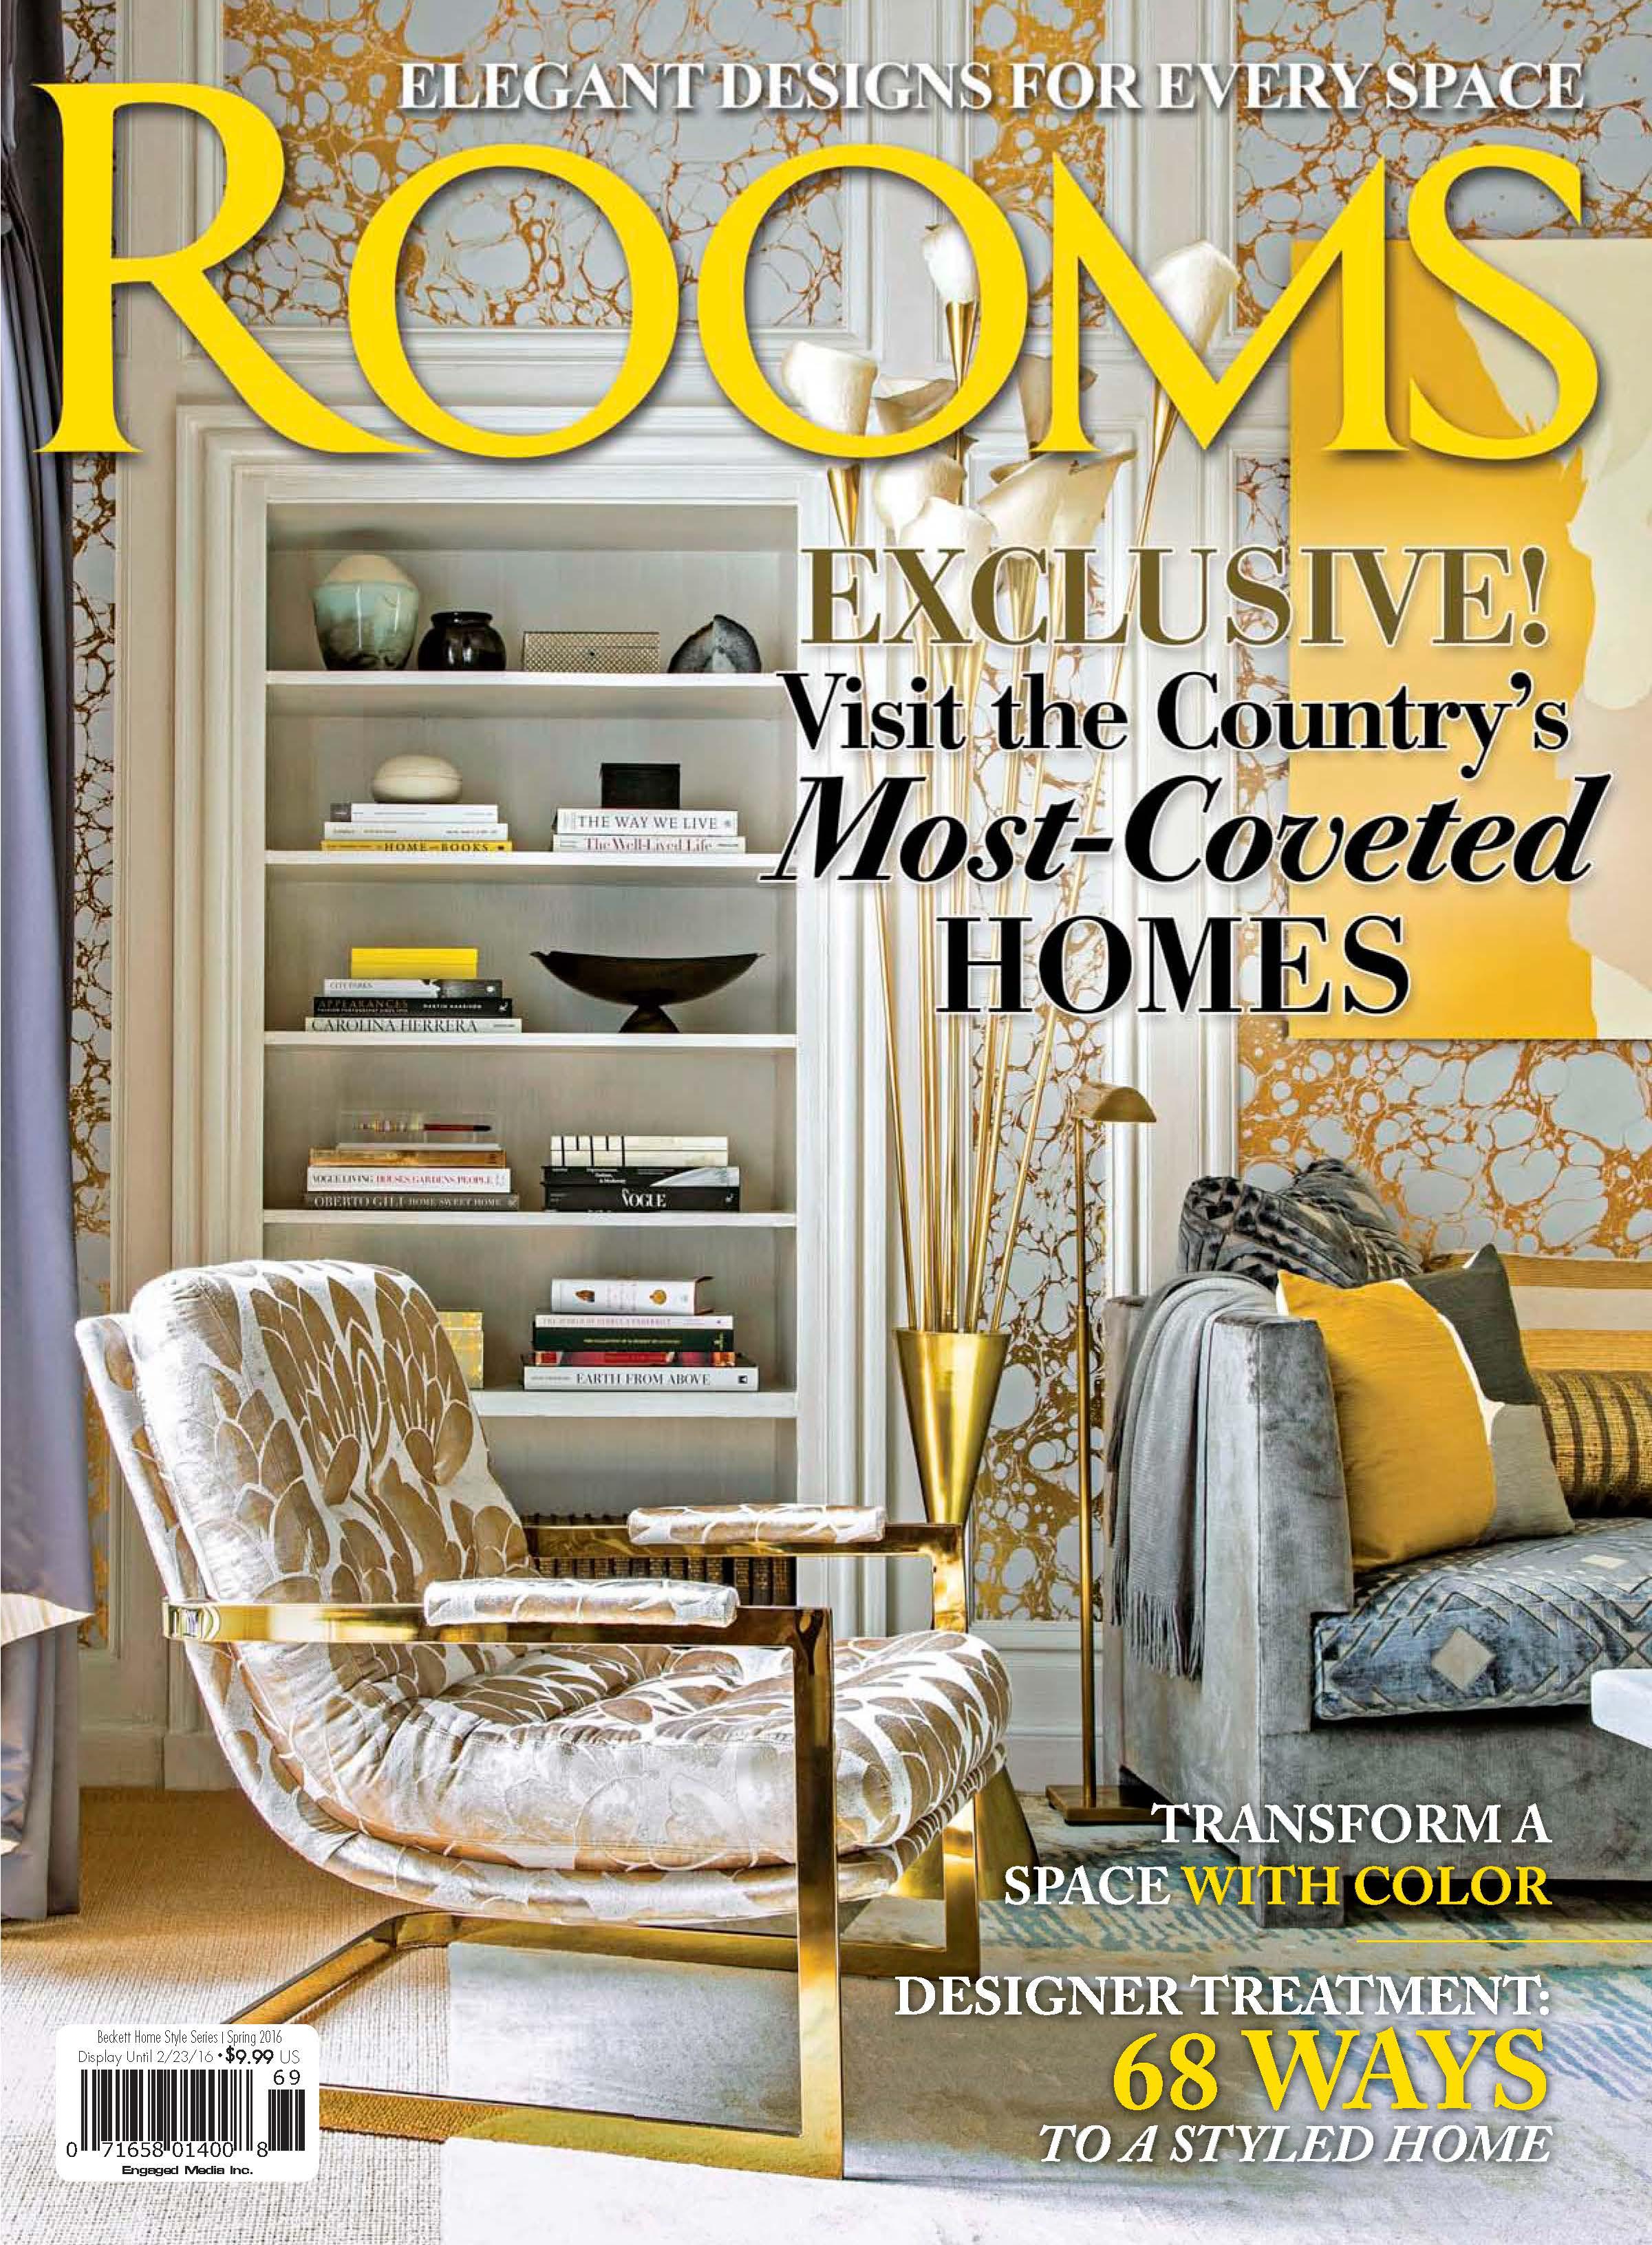 rooms_spring16.jpg